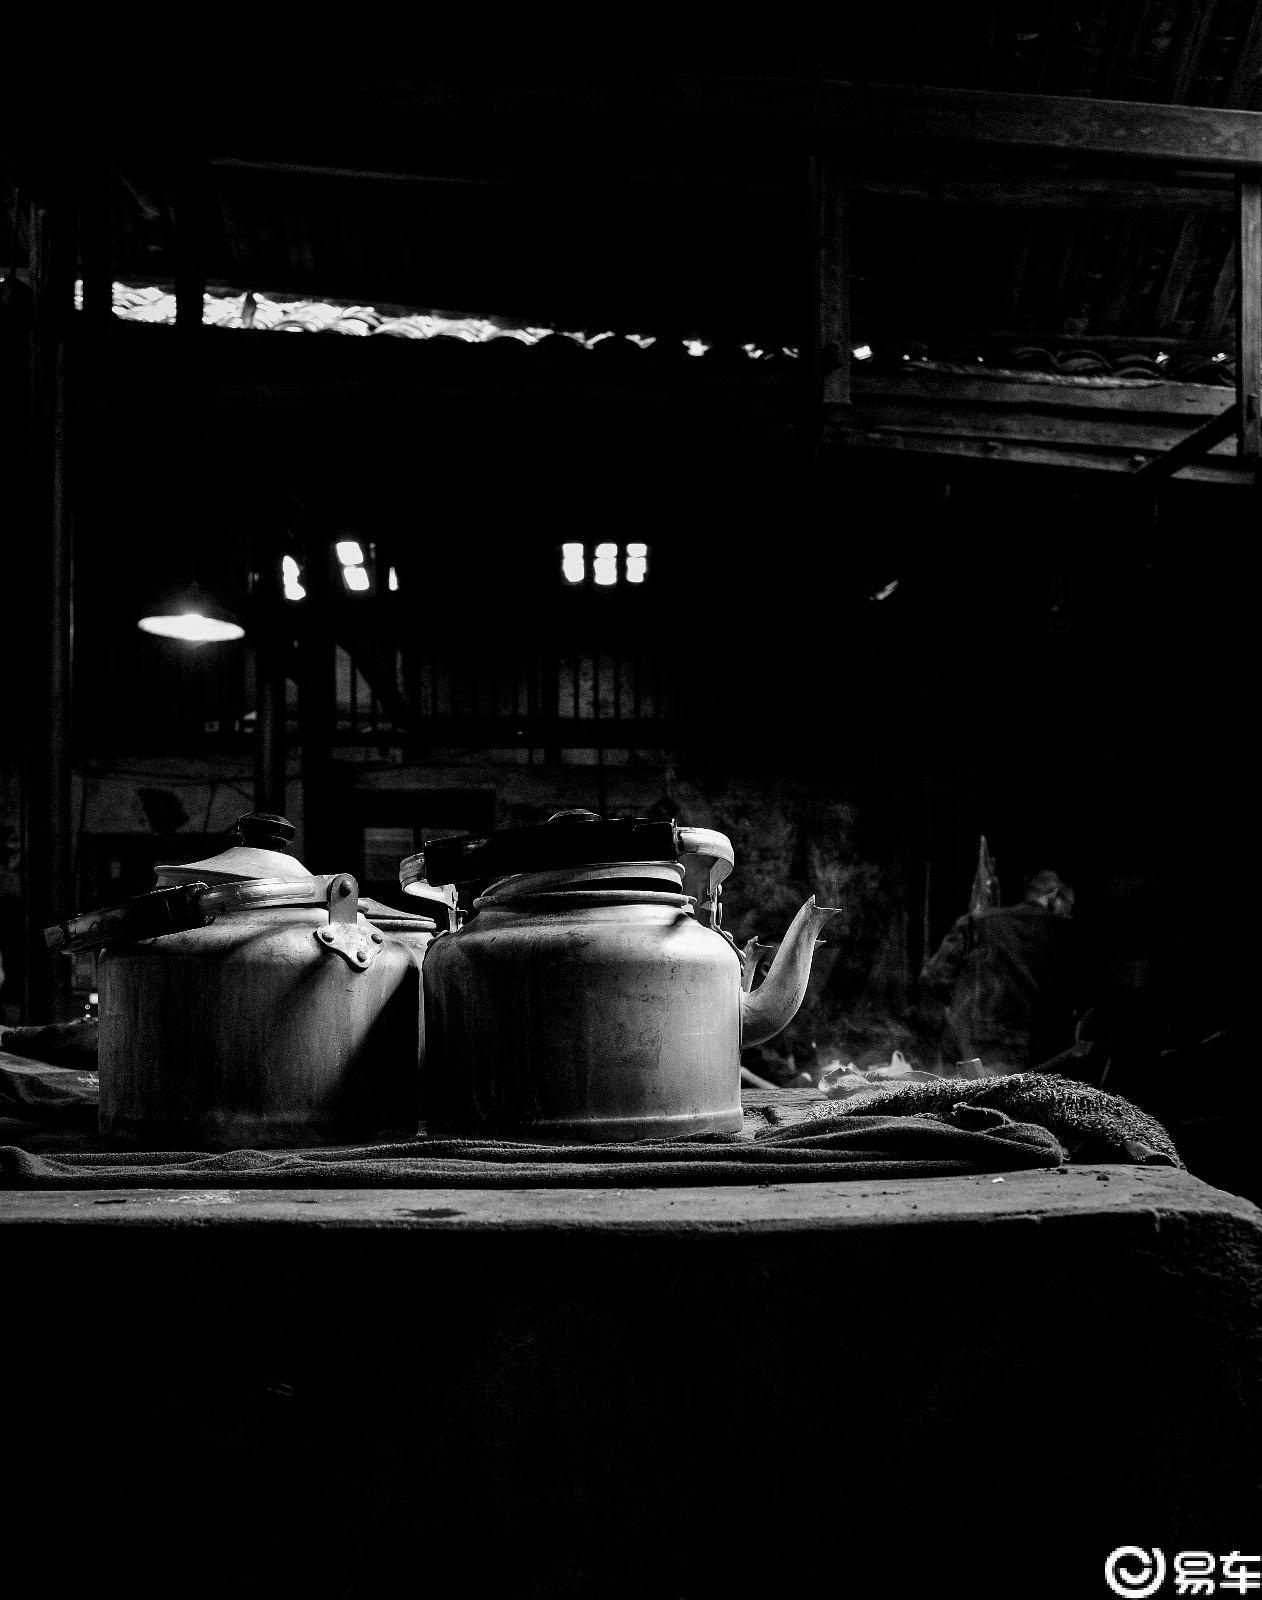 【我在论坛】【老茶馆旧时光的慢生活】